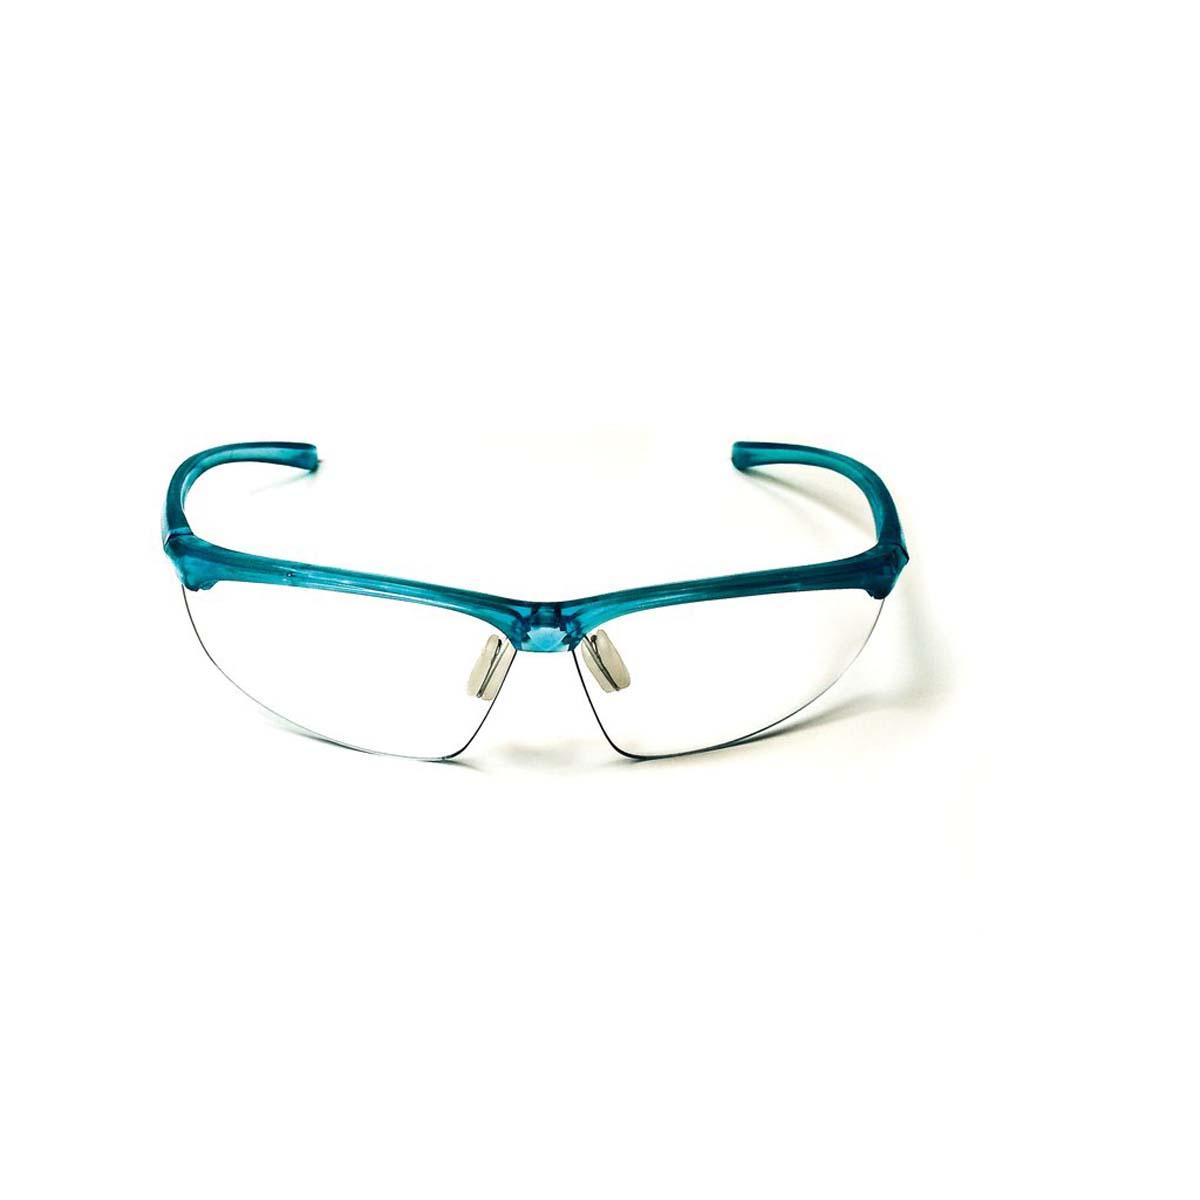 """3Mâ""""¢ Refineâ""""¢ Protective Eyewear 201, 11735-00000-20 Clear Anti-Fog Lens, Teal Frame"""